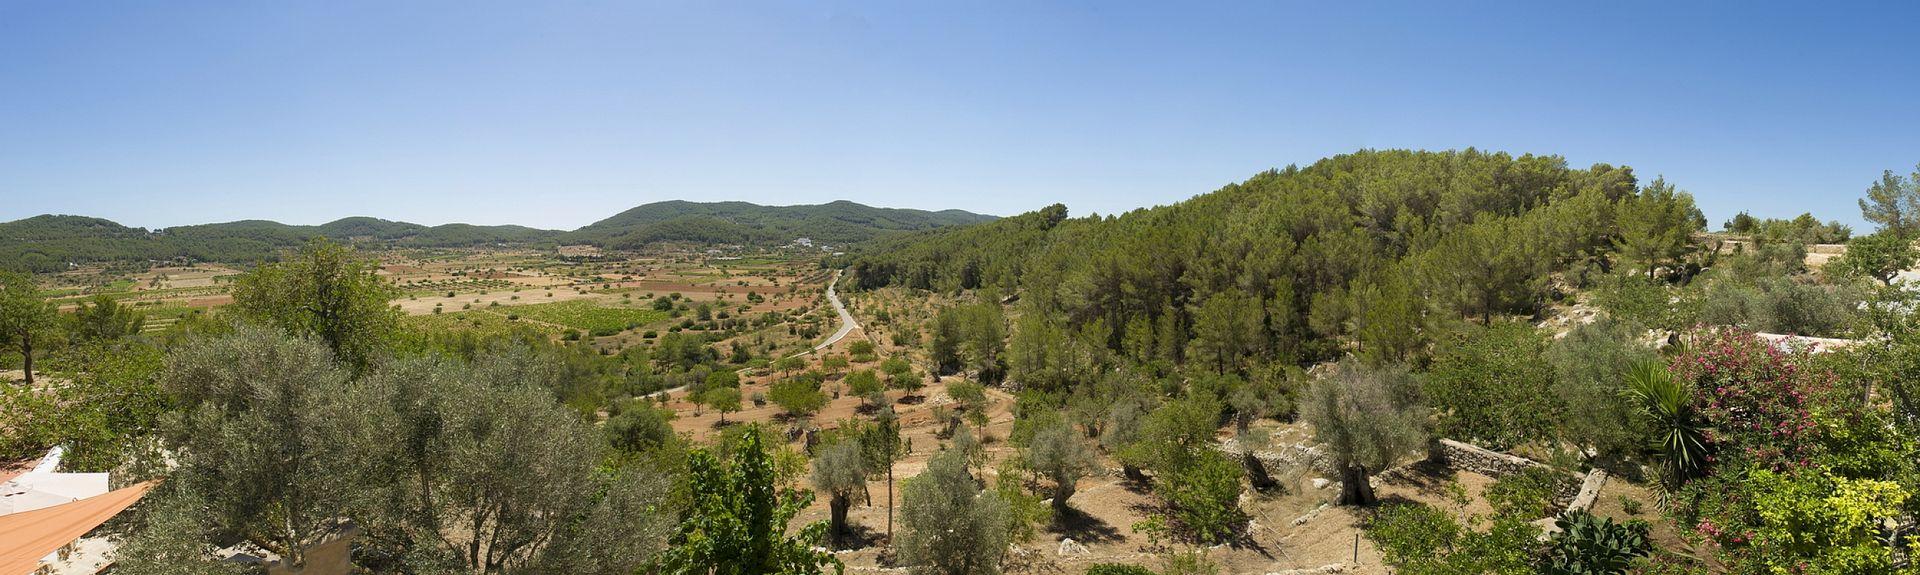 Sant Miquel de Balansat, Balearic Islands, Spain